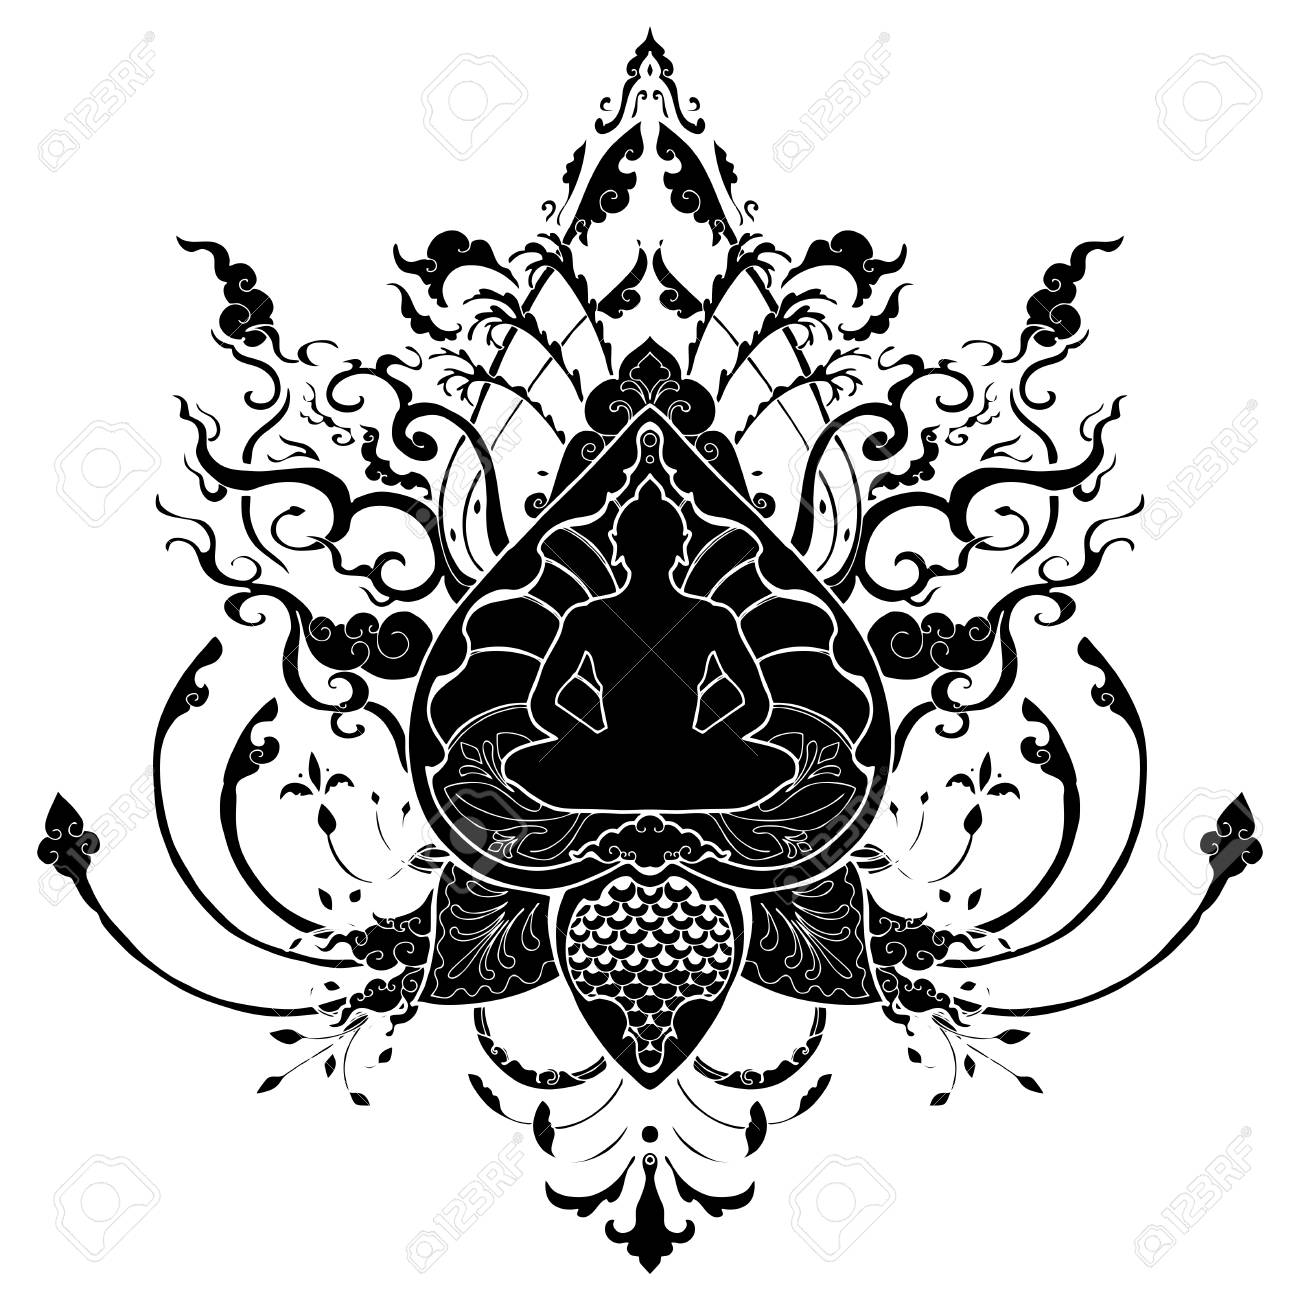 Meditación De Buda Doodle Dibujo Ilustración Con Tatuaje De Estilo ...